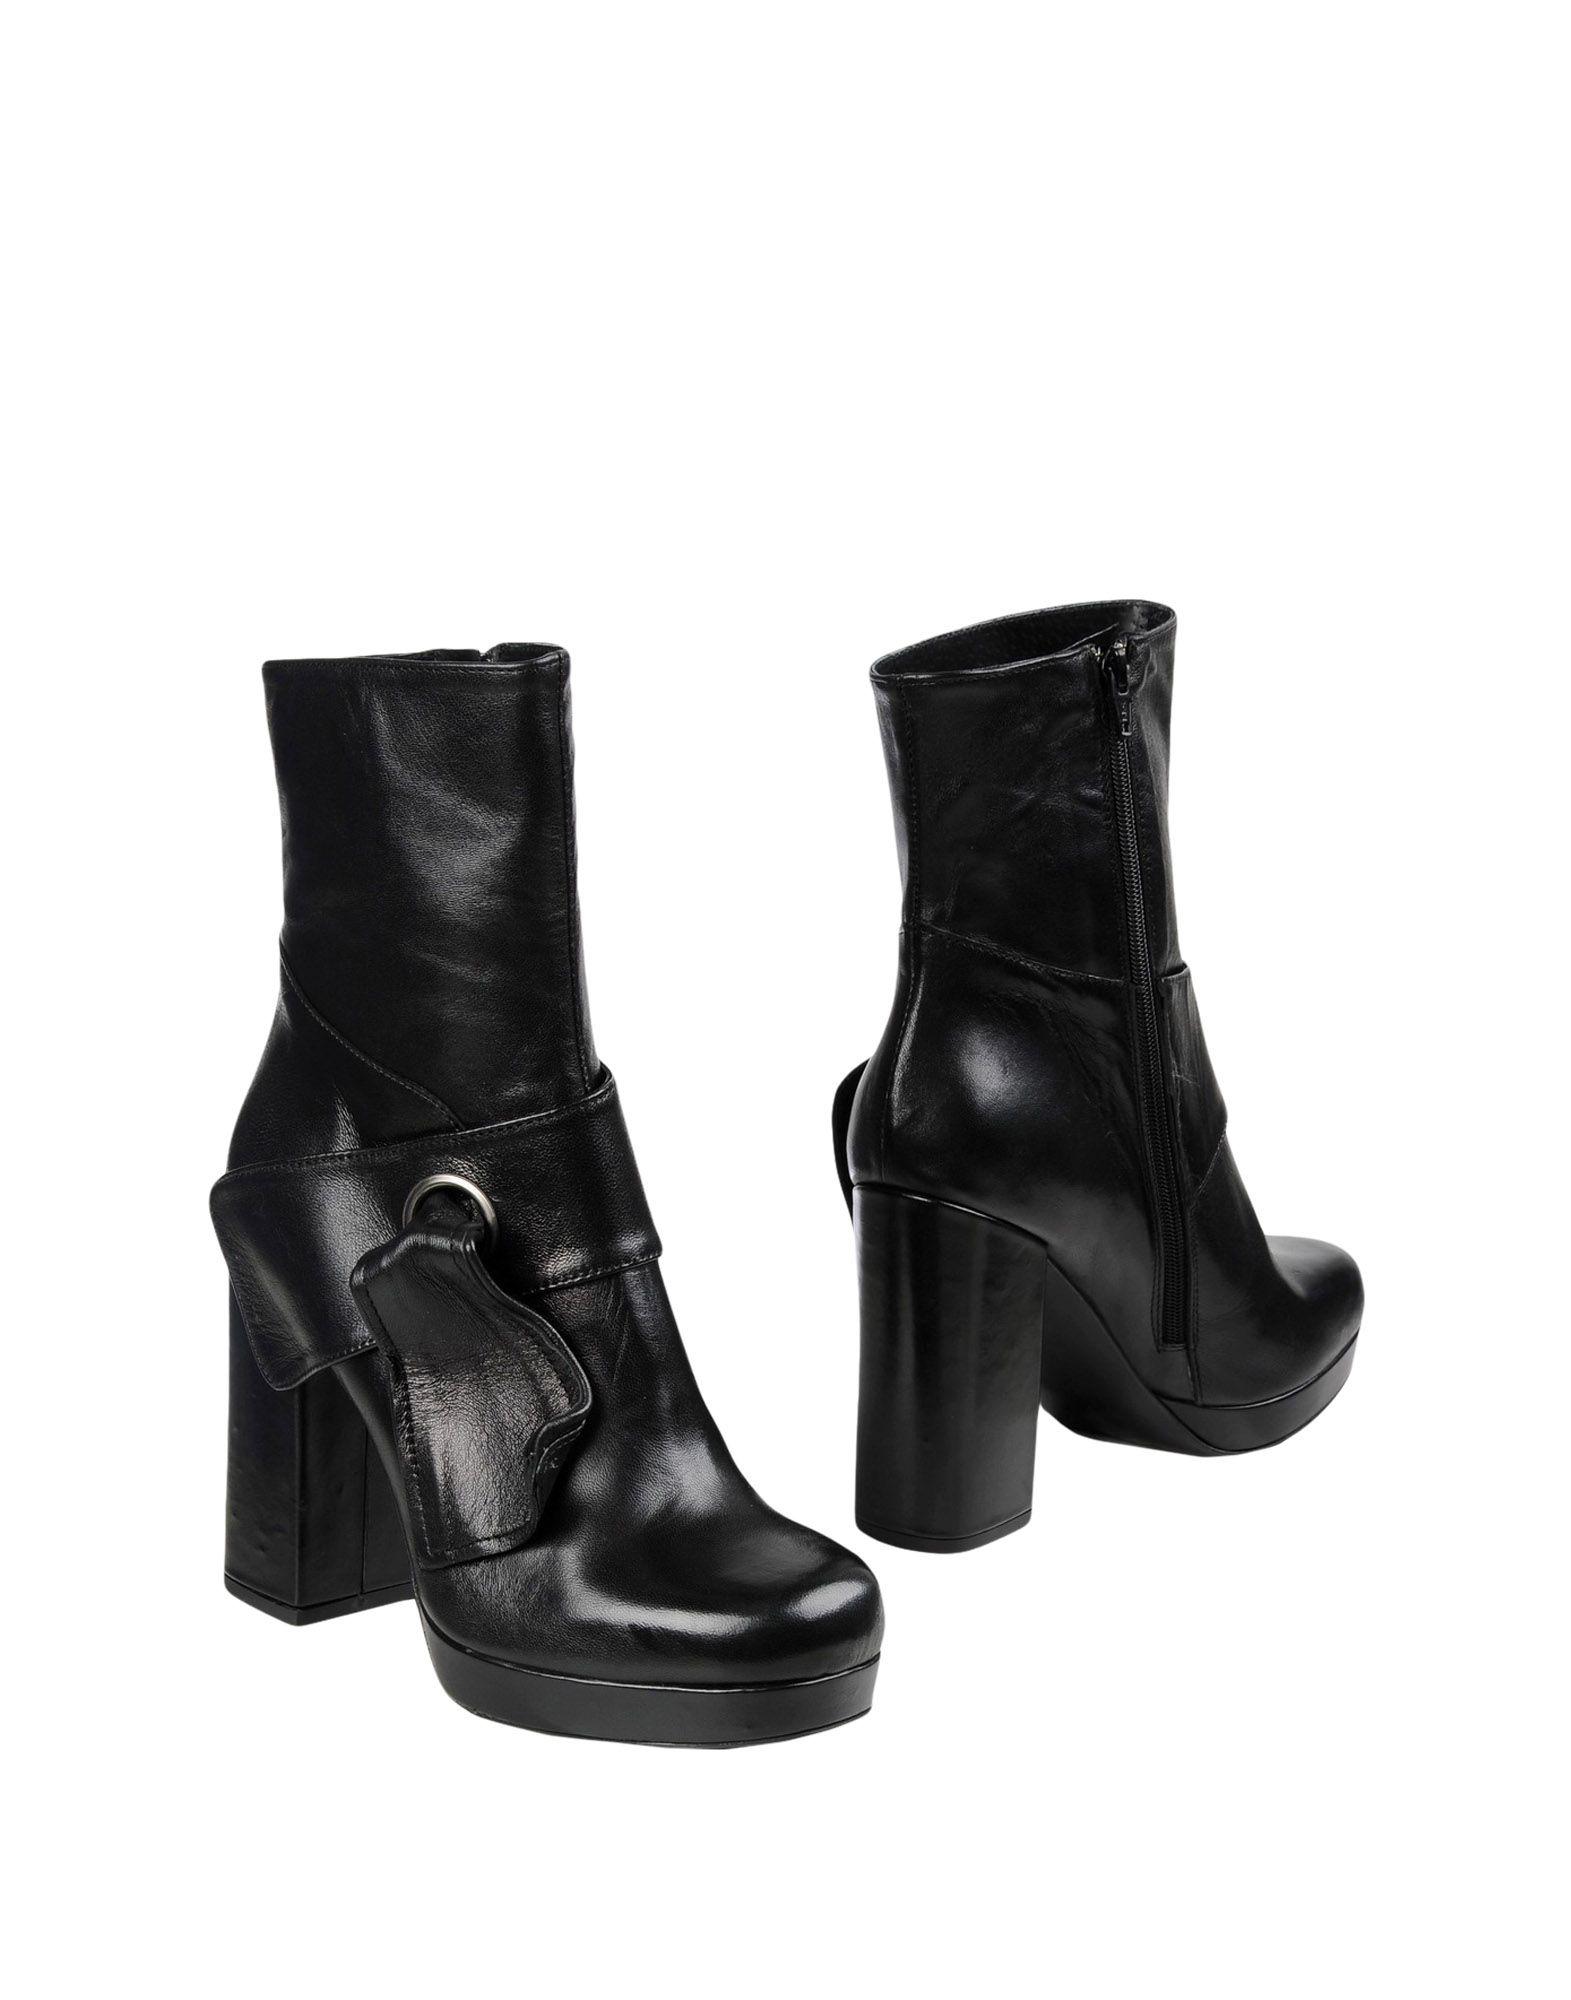 Get It Stiefelette Damen  11307205TN Gute Qualität beliebte Schuhe